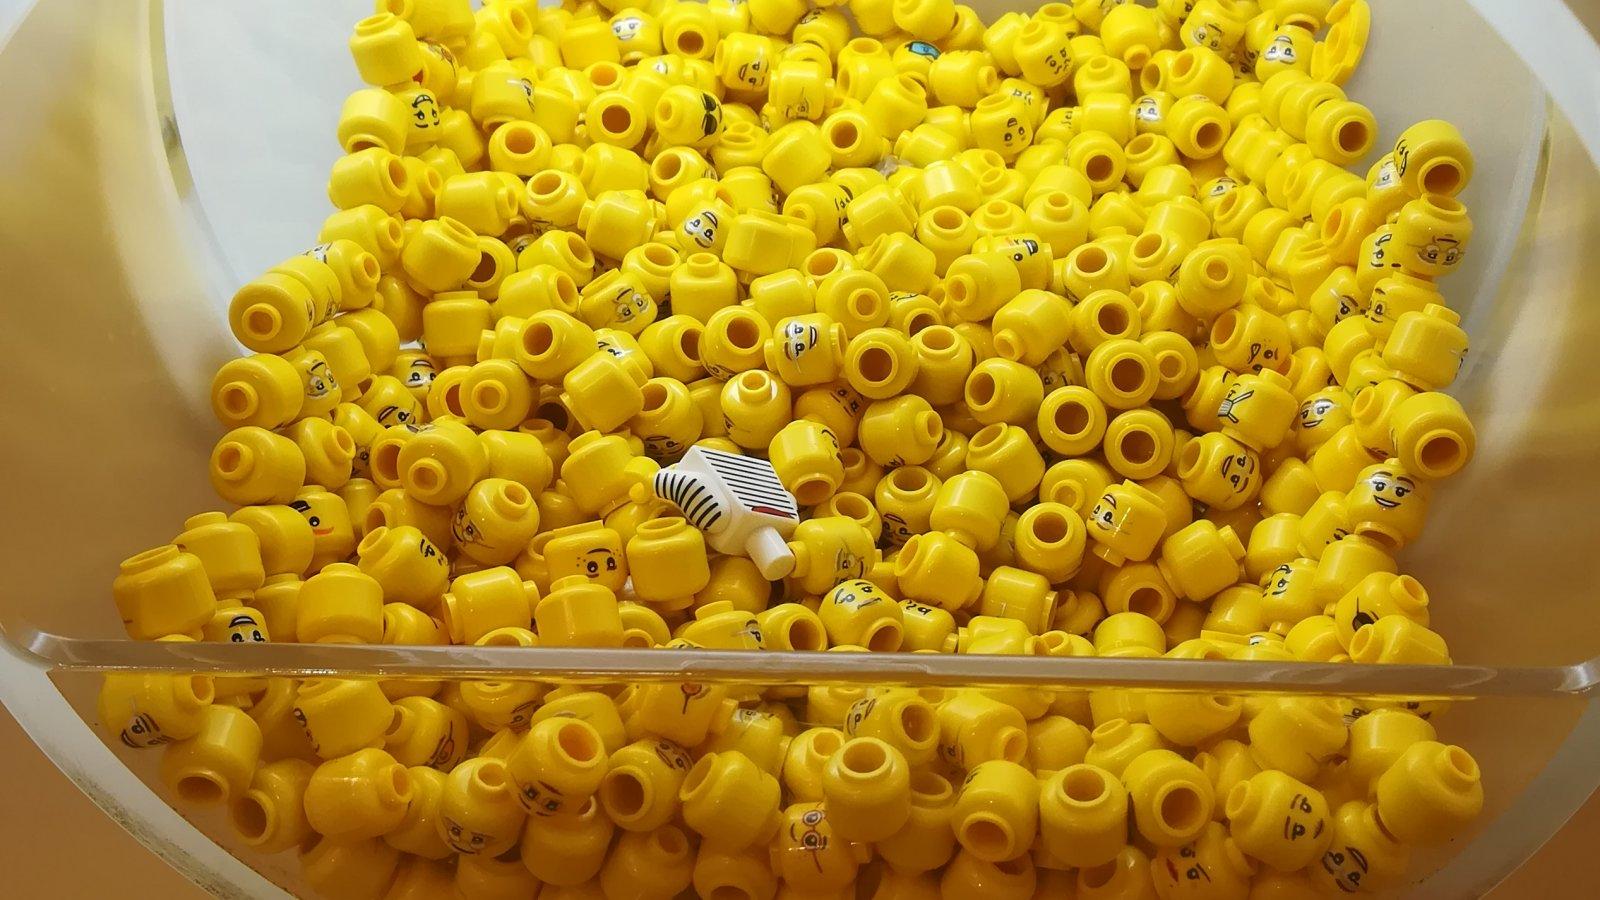 Nasza wizyta w LEGO® Store Leicester Square w Londynie - listopad 2019